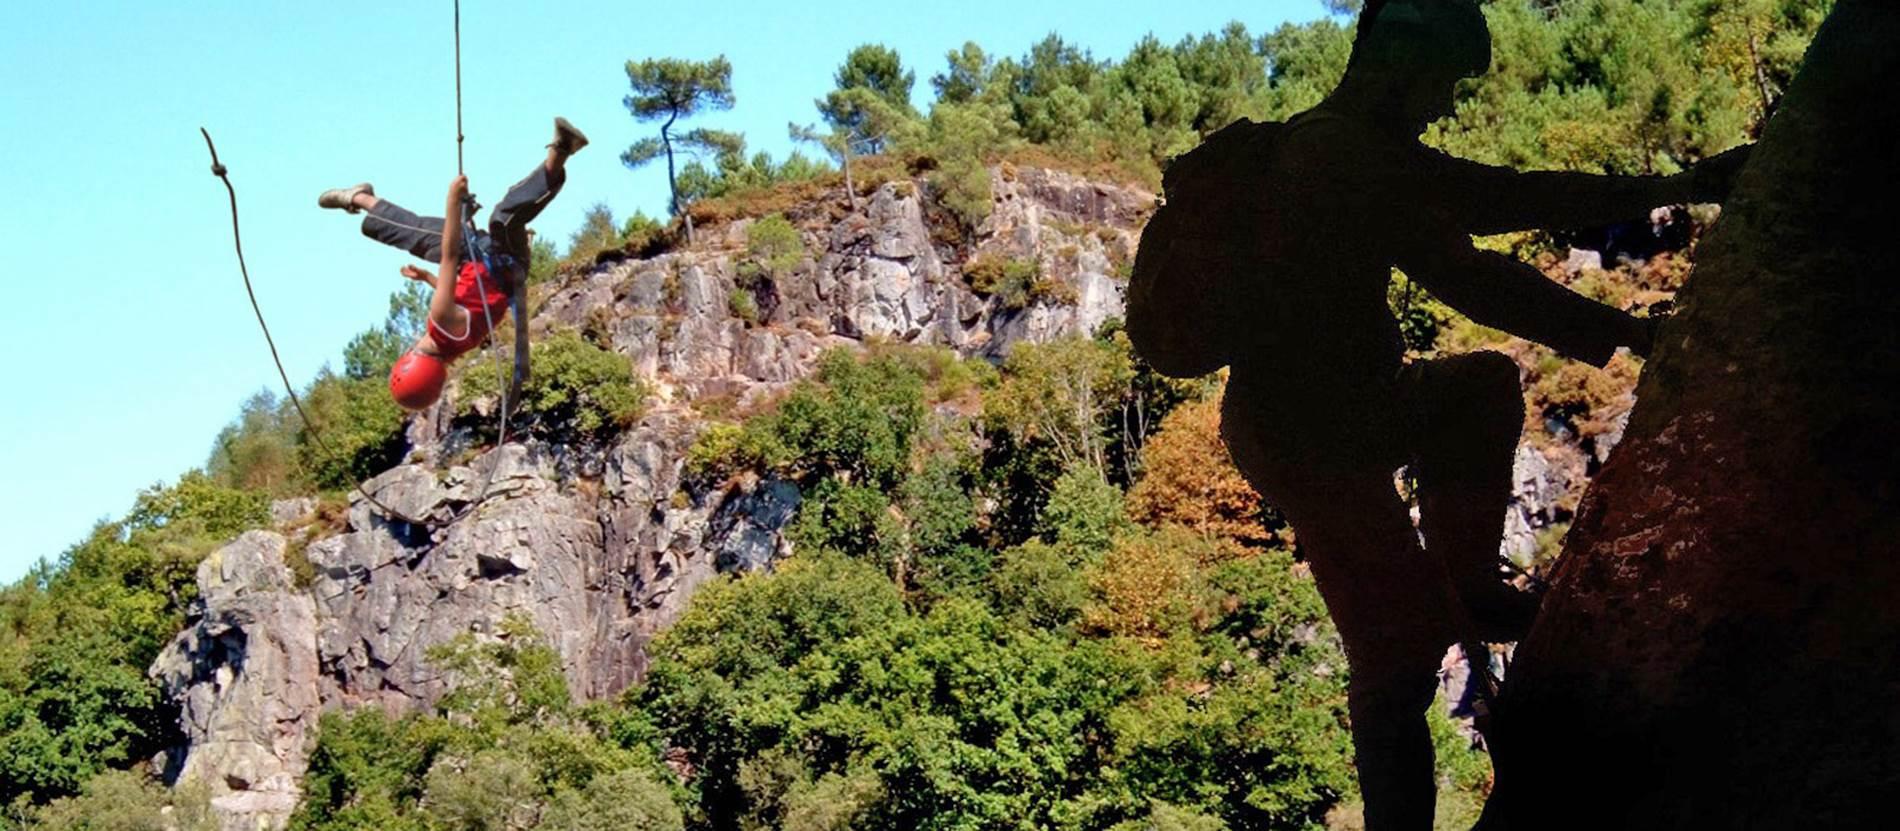 Escapades verticales-Saint vincent sur ouest - Morbihan bretagne-sud ©